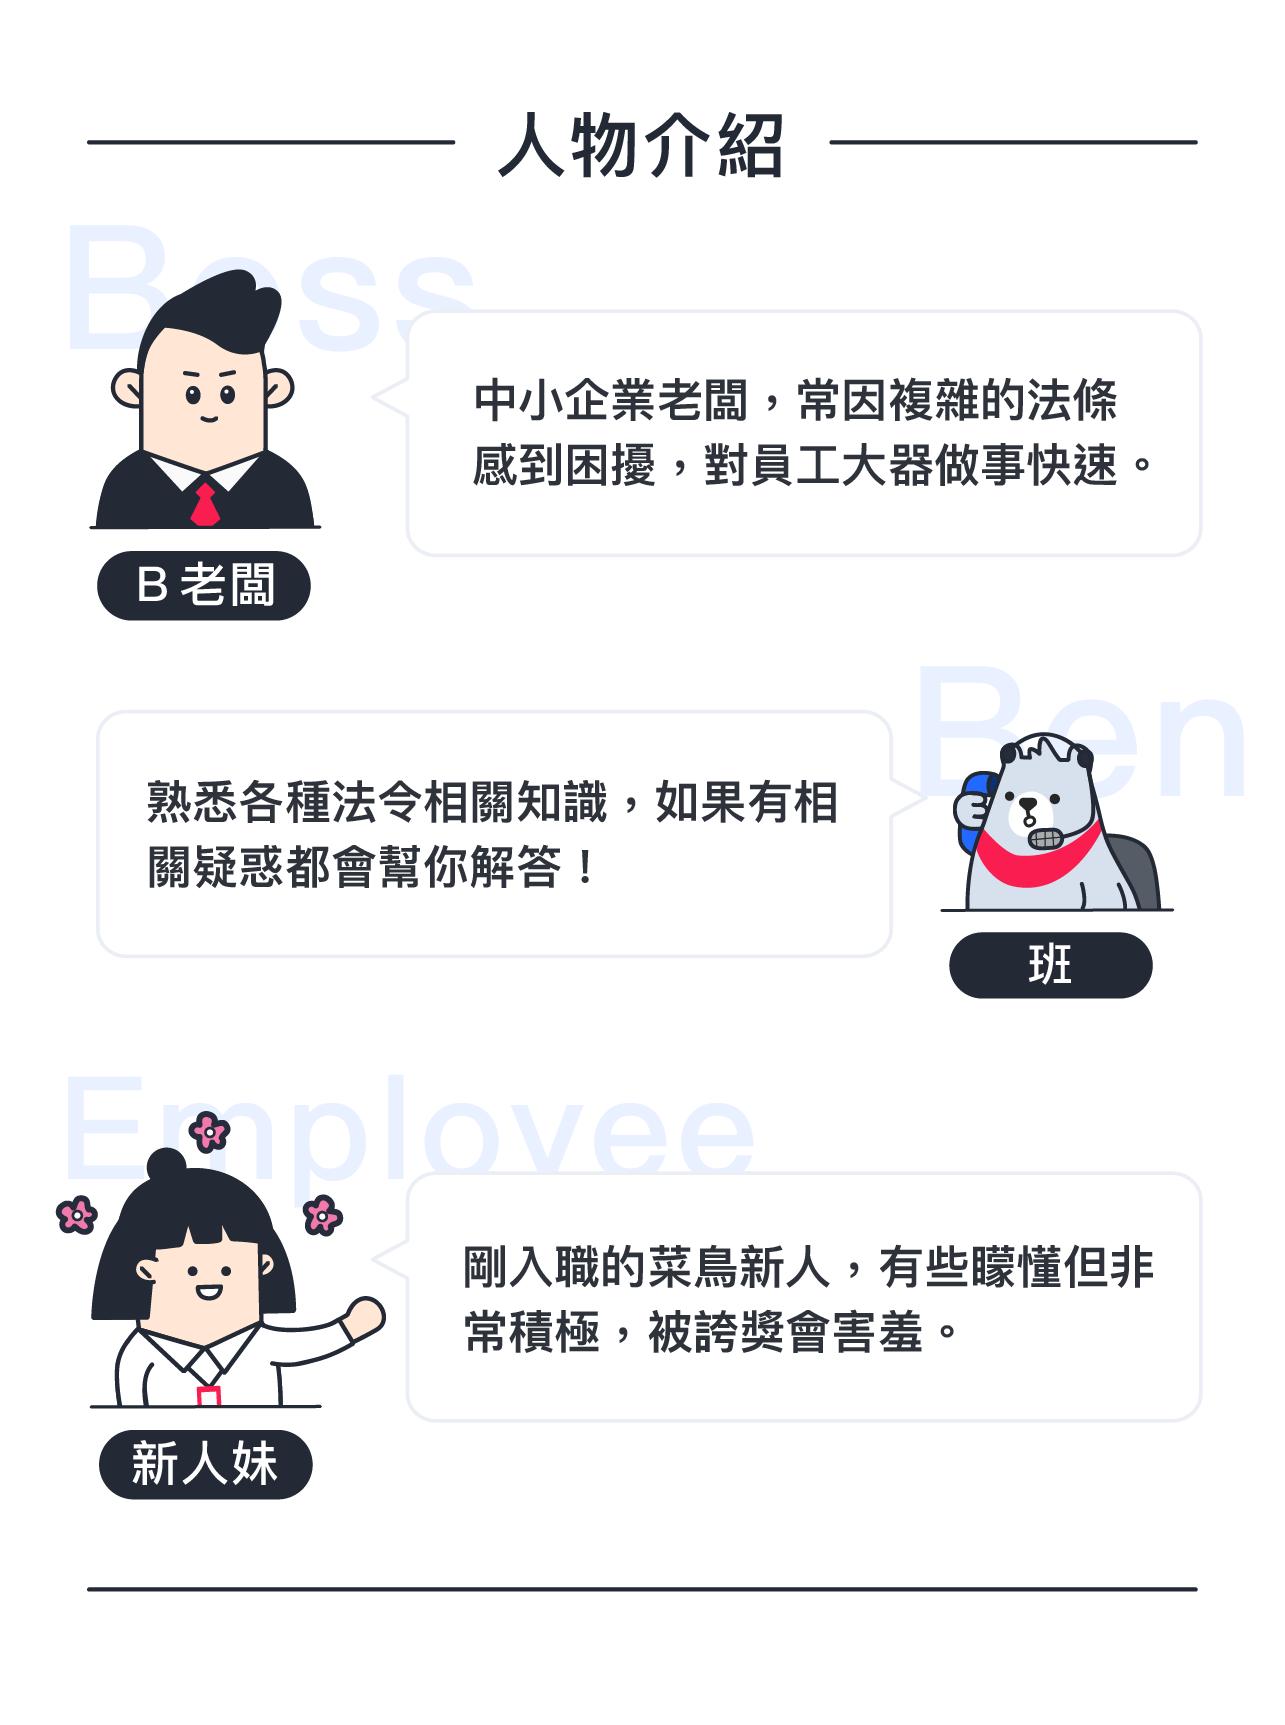 518熊班角色人物介紹(B老闆、班、新人妹)